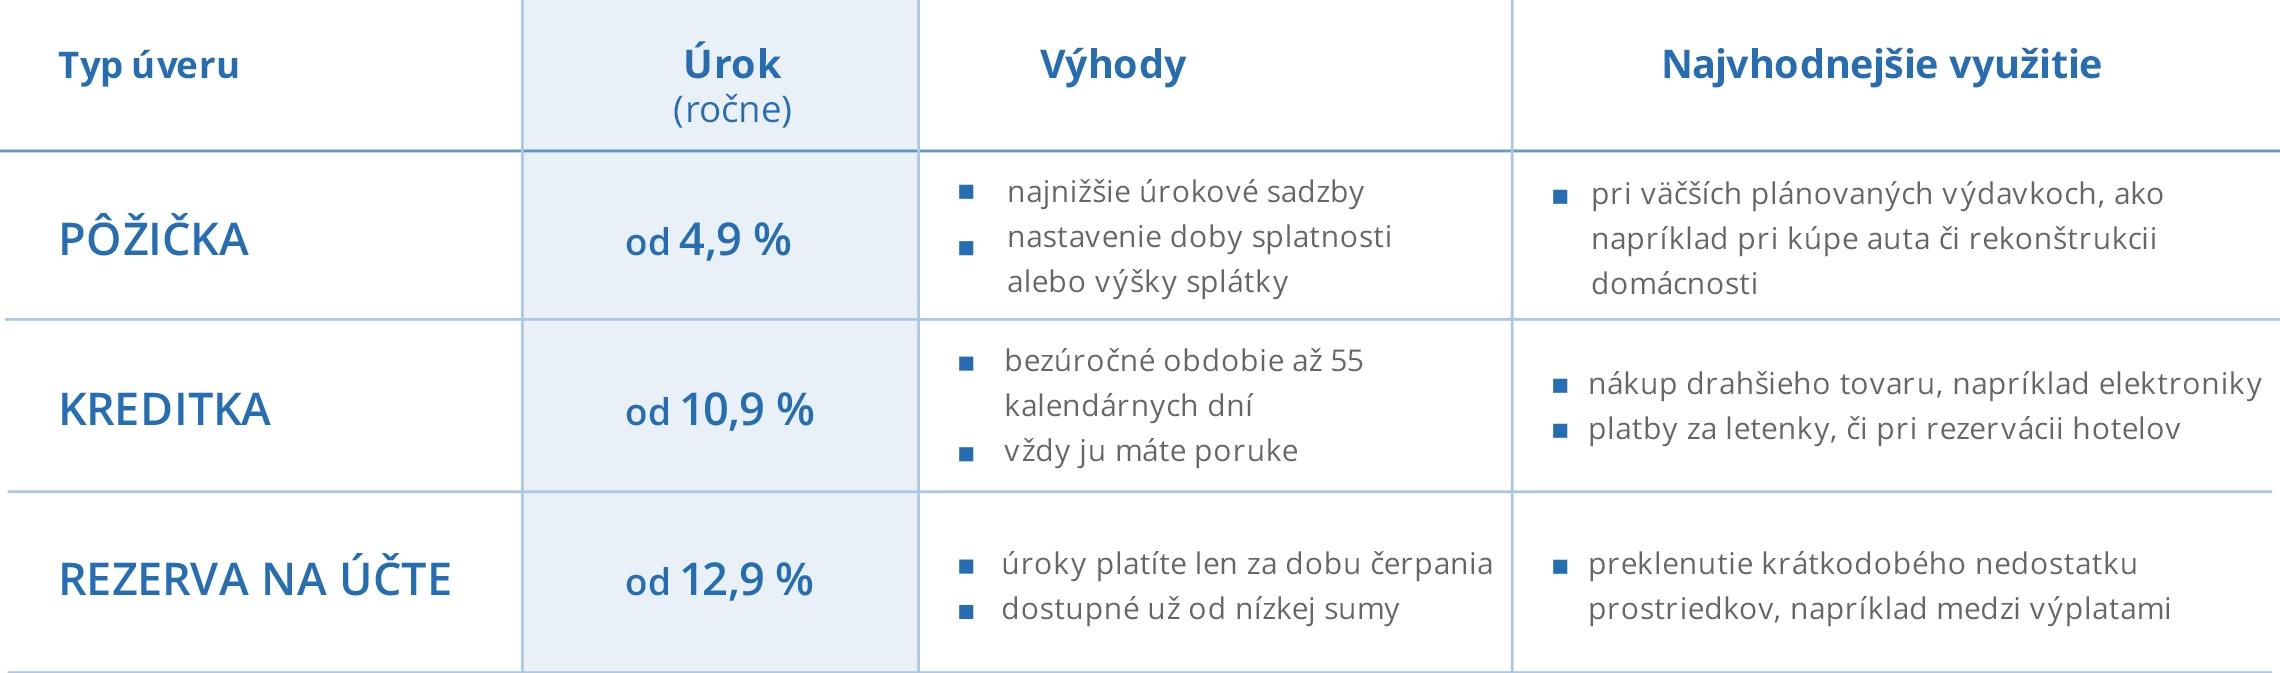 Pôžička_kontokorent_kreditka_porovnanie_servis_tabuľka_web2016_3_nowat